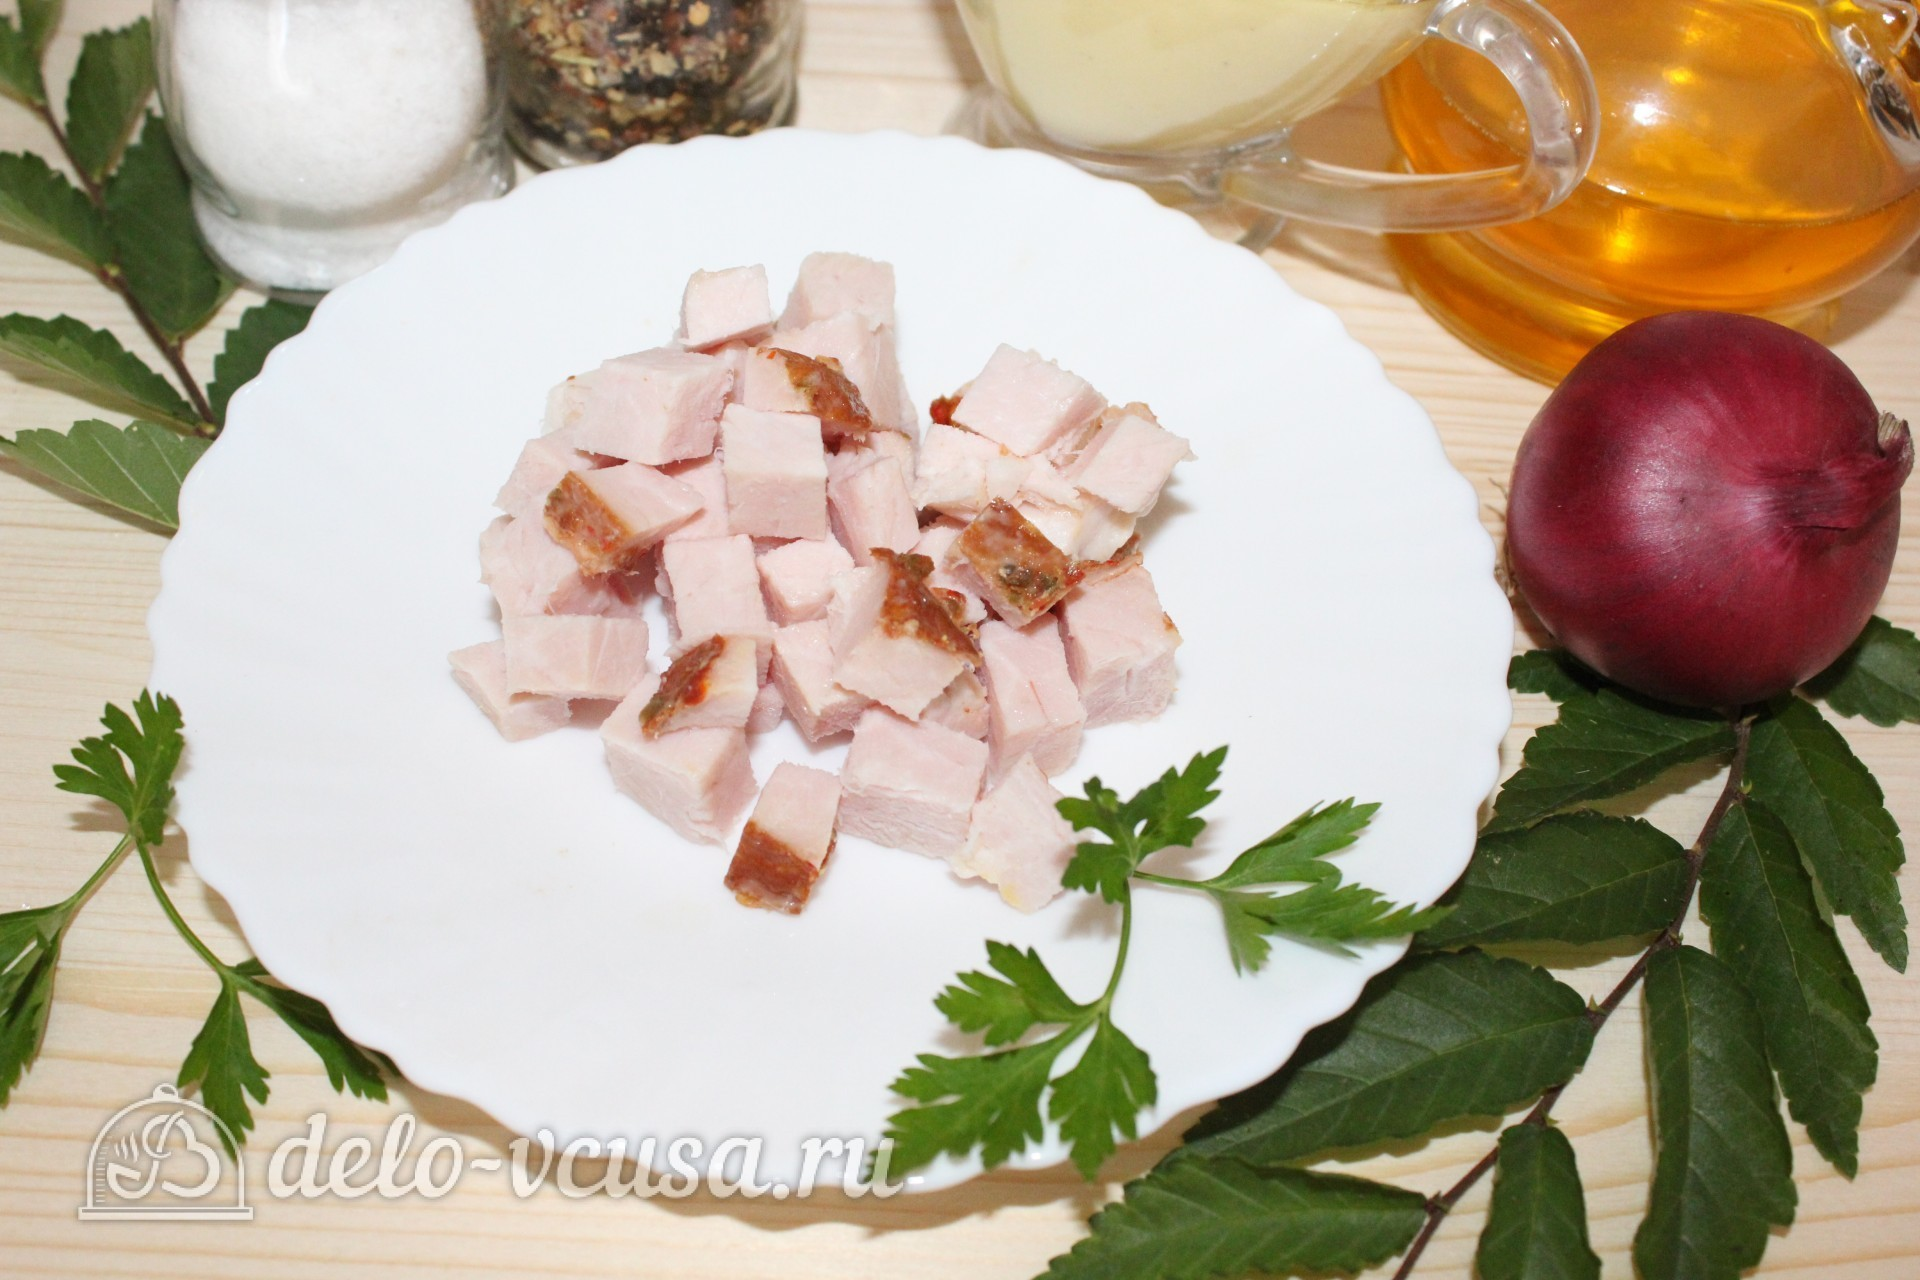 Салат с копченым мясом и горошком: Нарезать мясо